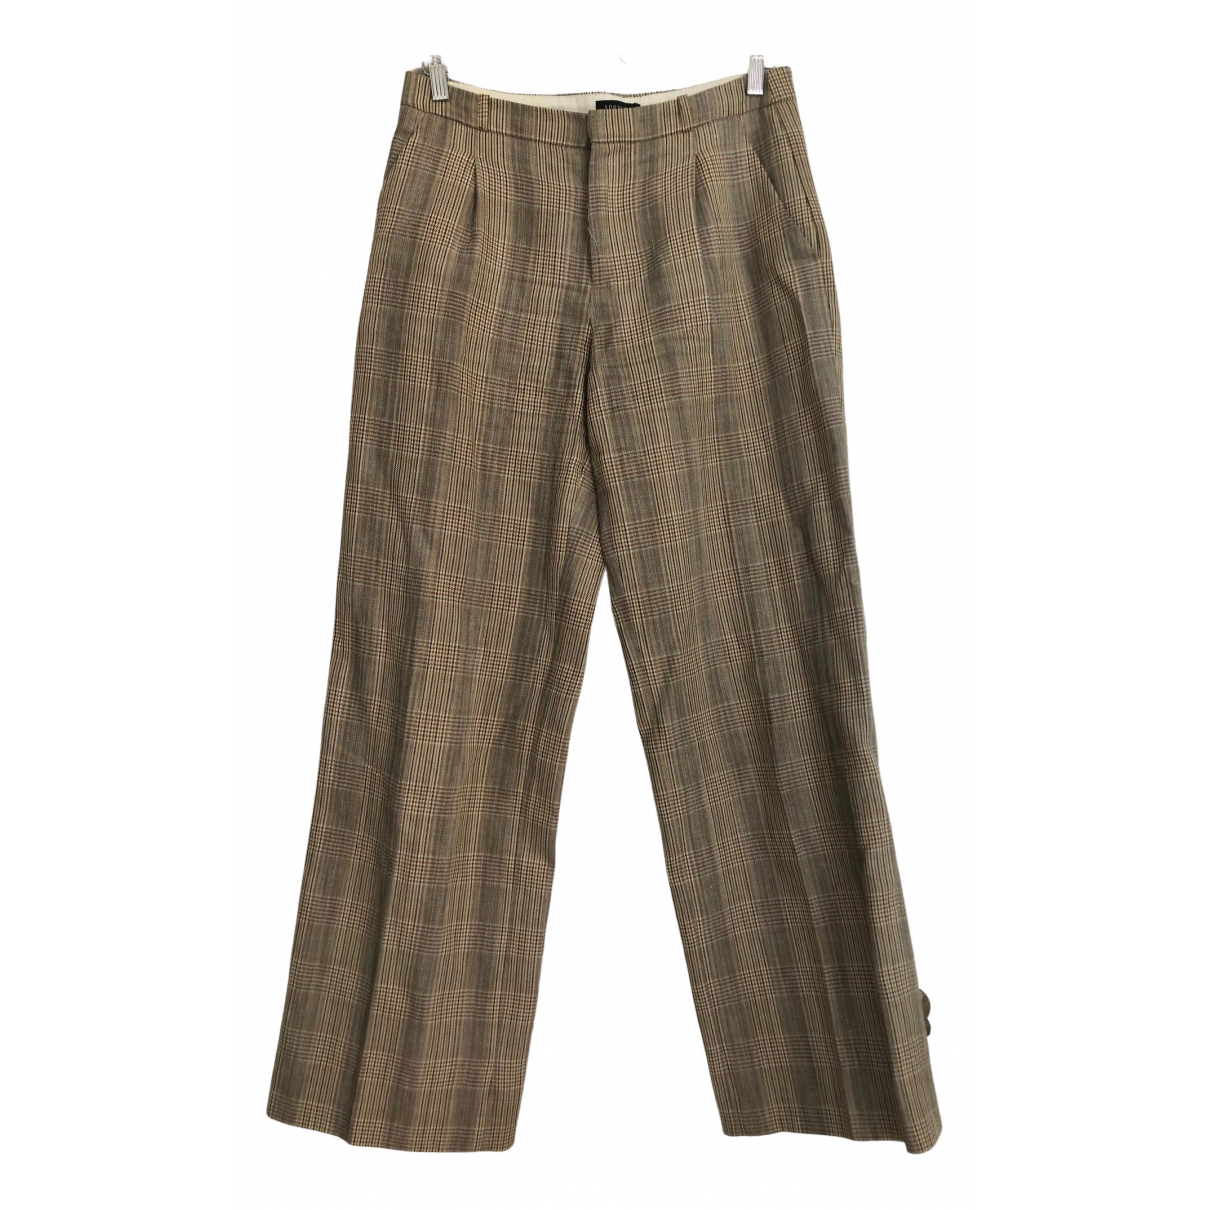 Soeur \N Beige Cotton Trousers for Women 38 FR